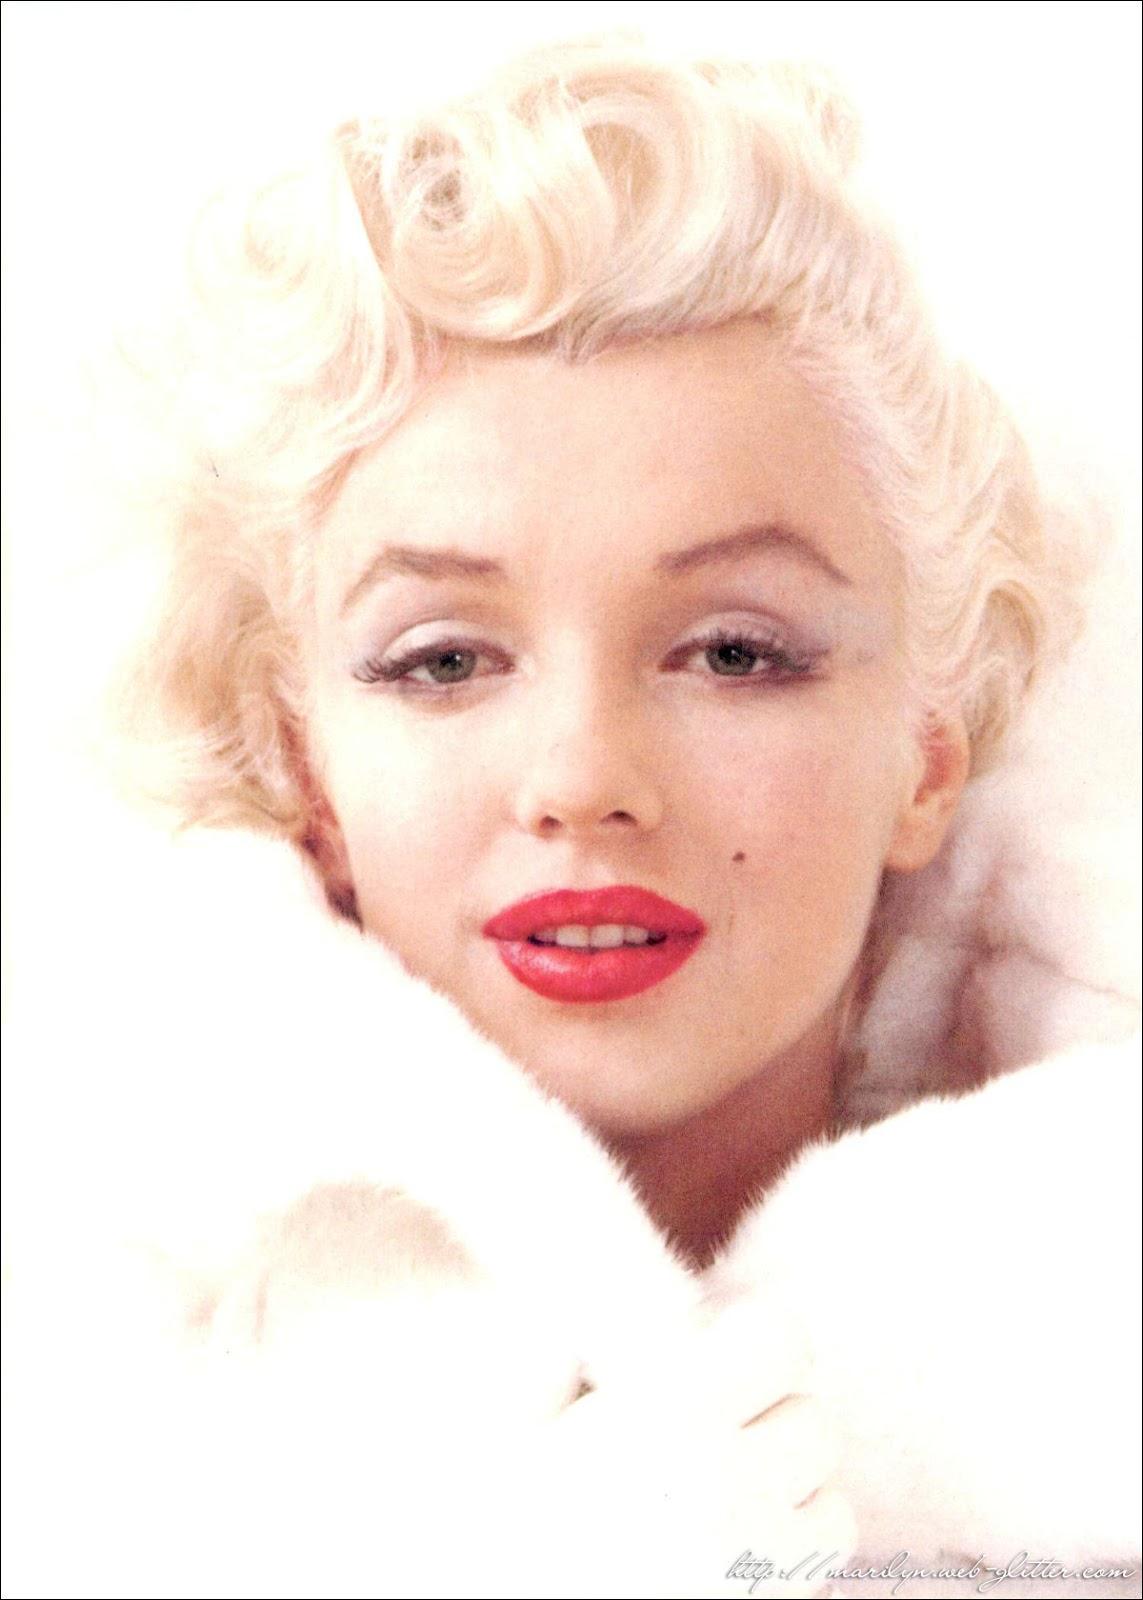 http://4.bp.blogspot.com/-FNvl7jhQBmU/T4w6Xz0G5_I/AAAAAAAABJ8/EW_g8Tlngsg/s1600/Marilyn-Monroe-marilyn-monroe-12892550-1200-1680.jpg